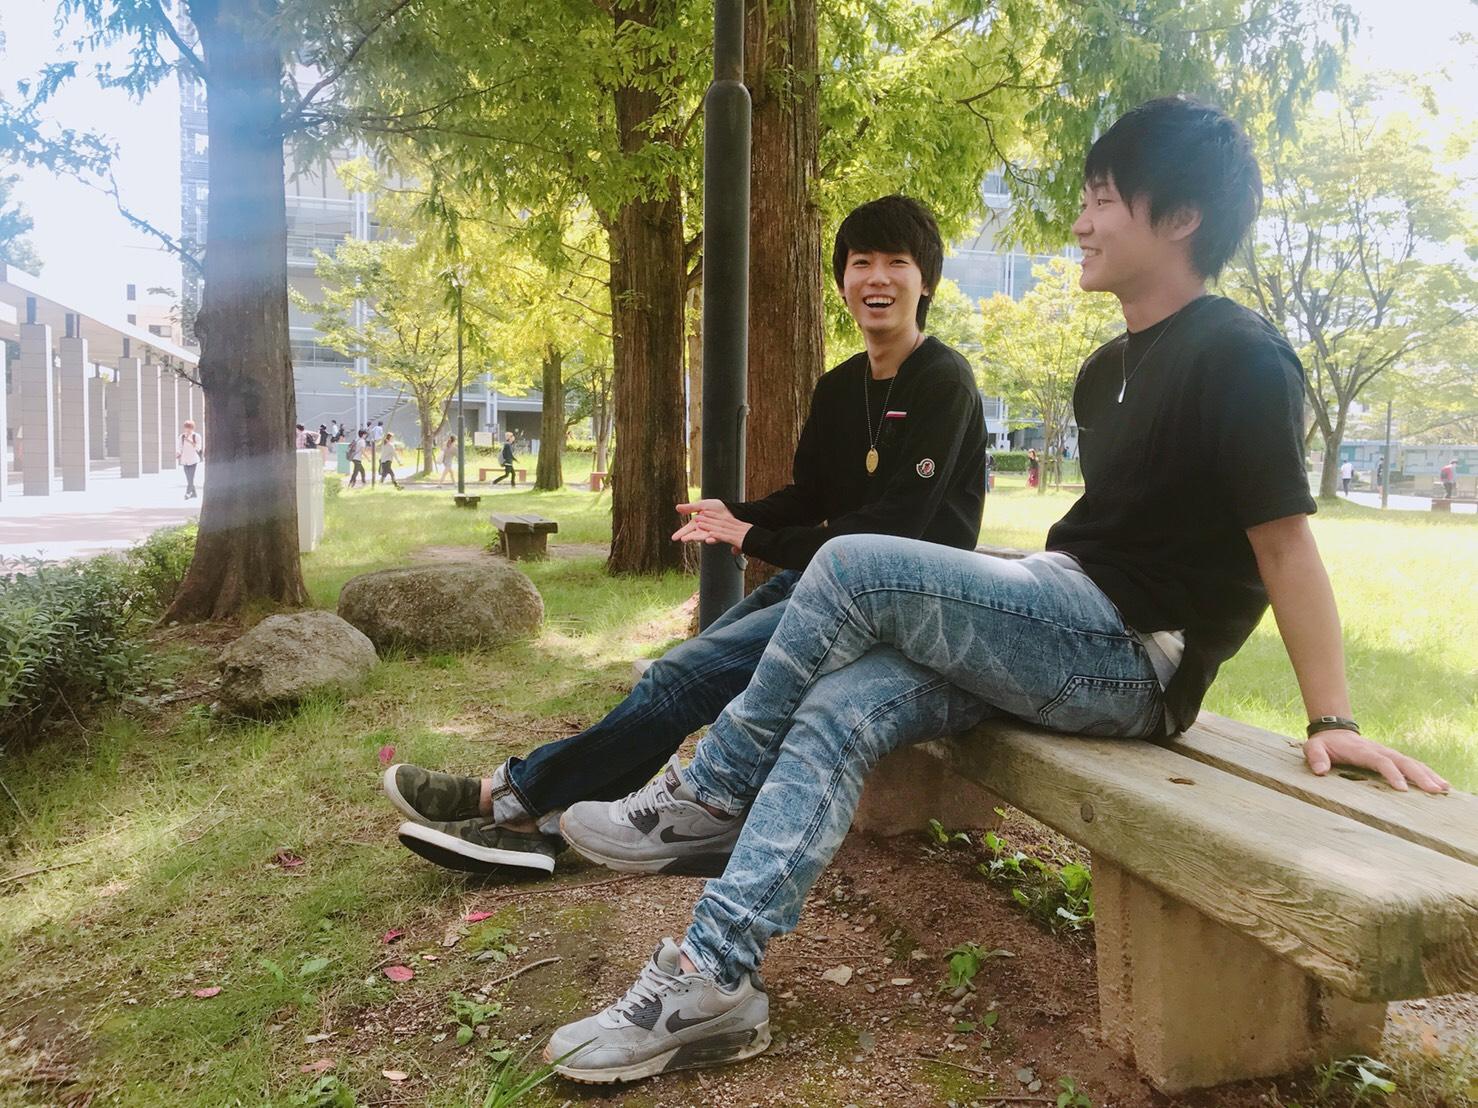 【福岡19卒:福岡大学】自分の弱いところを変え、相手に伝える力を身につけたいと思い、入会を決めました。